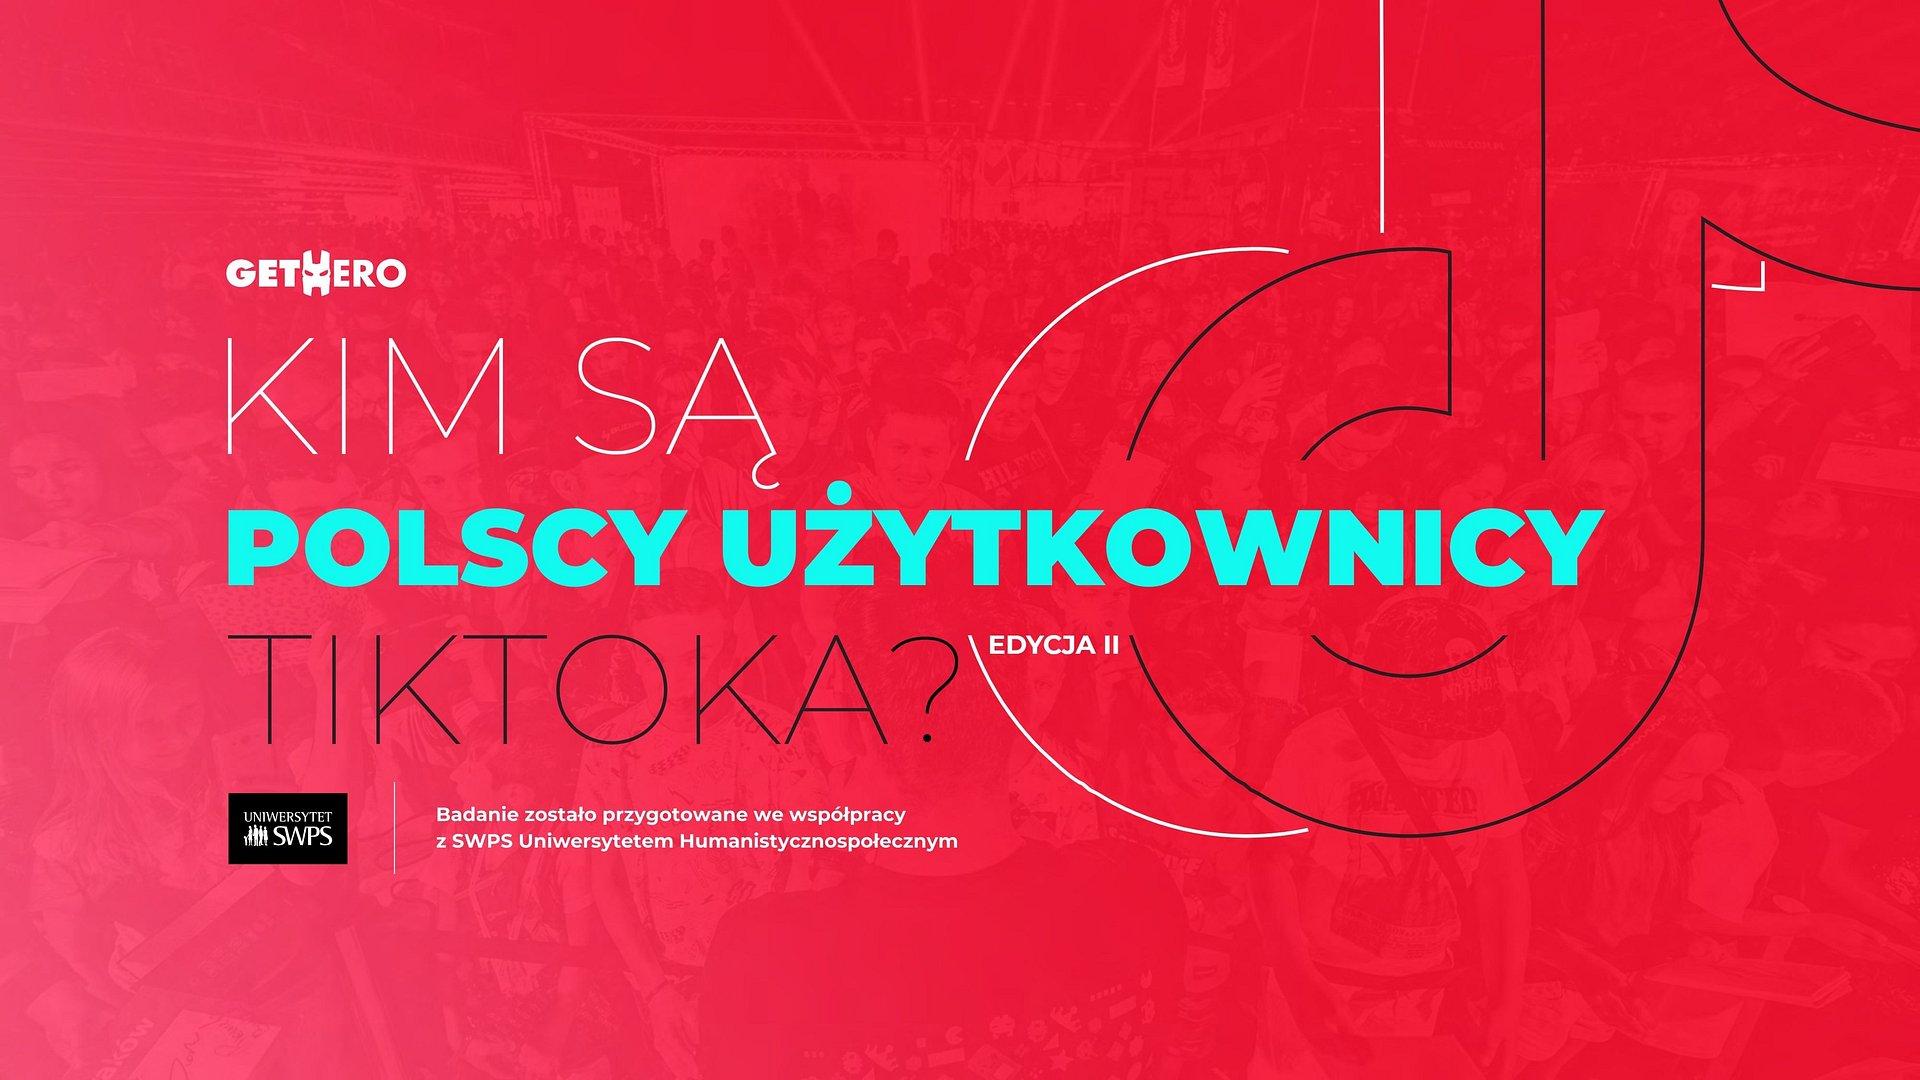 Kto korzysta z TikToka w Polsce? Poznaj aktualny raport agencji GetHero.